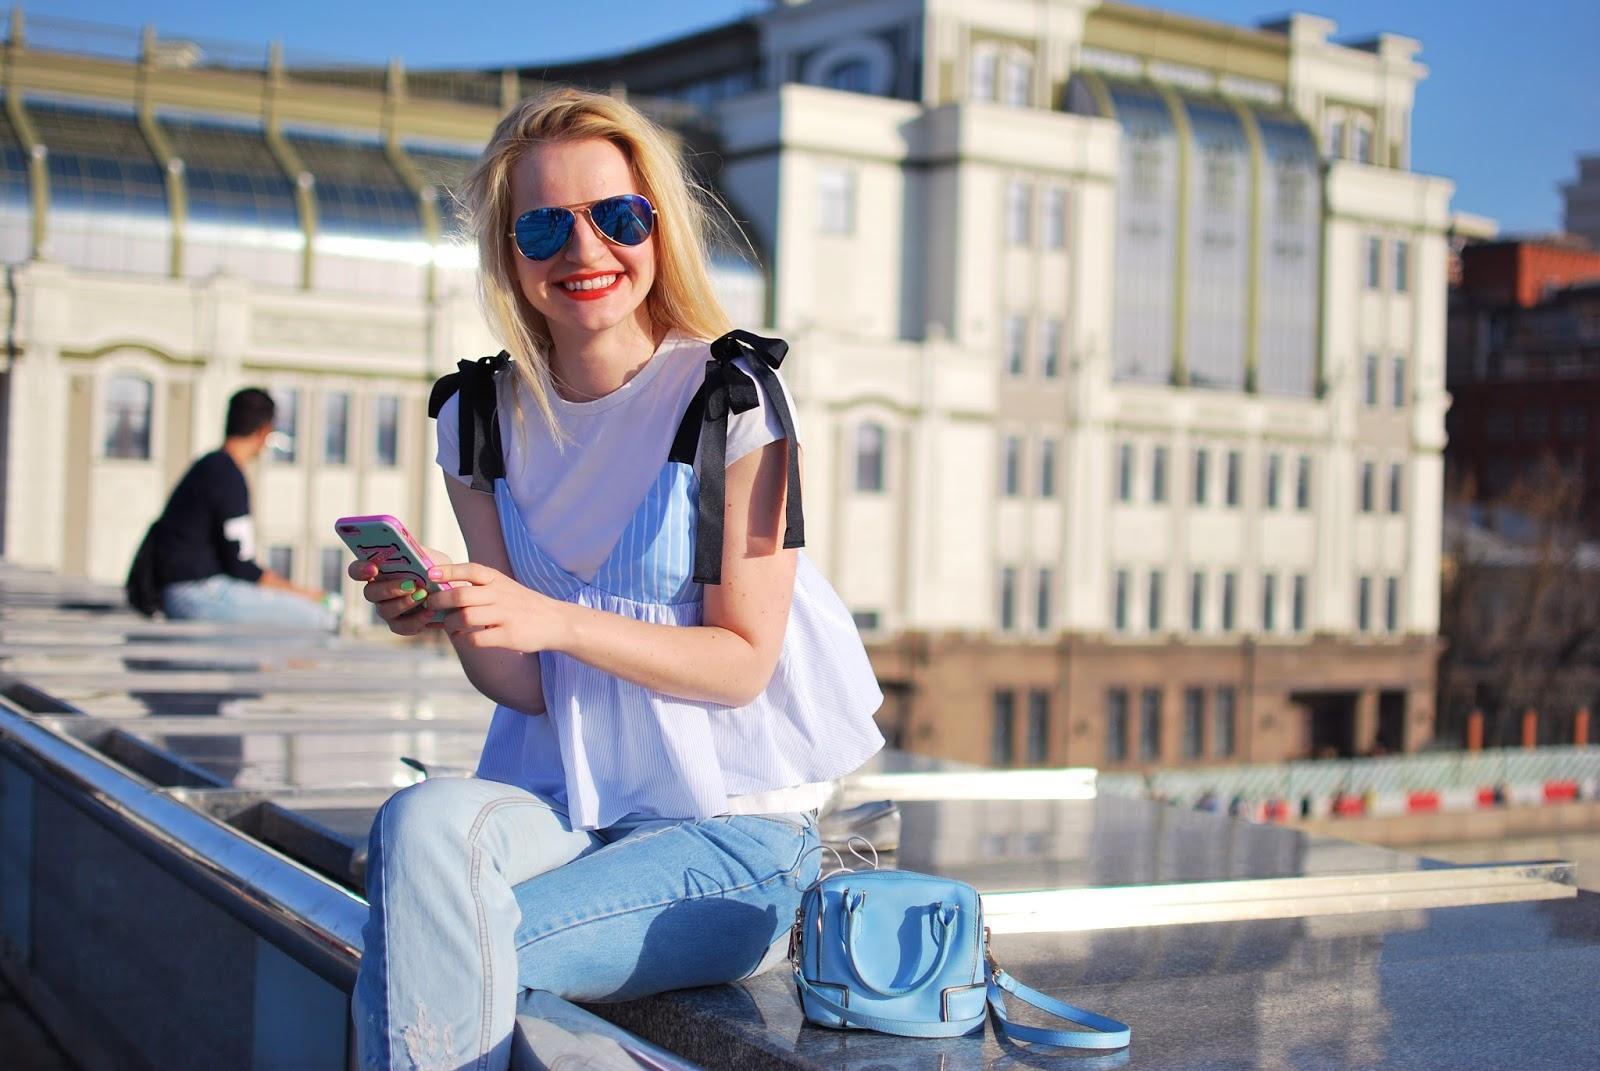 джинсы два цвета, модные блоггеры,аутфит, модный тенденция, модный лук, луки весна